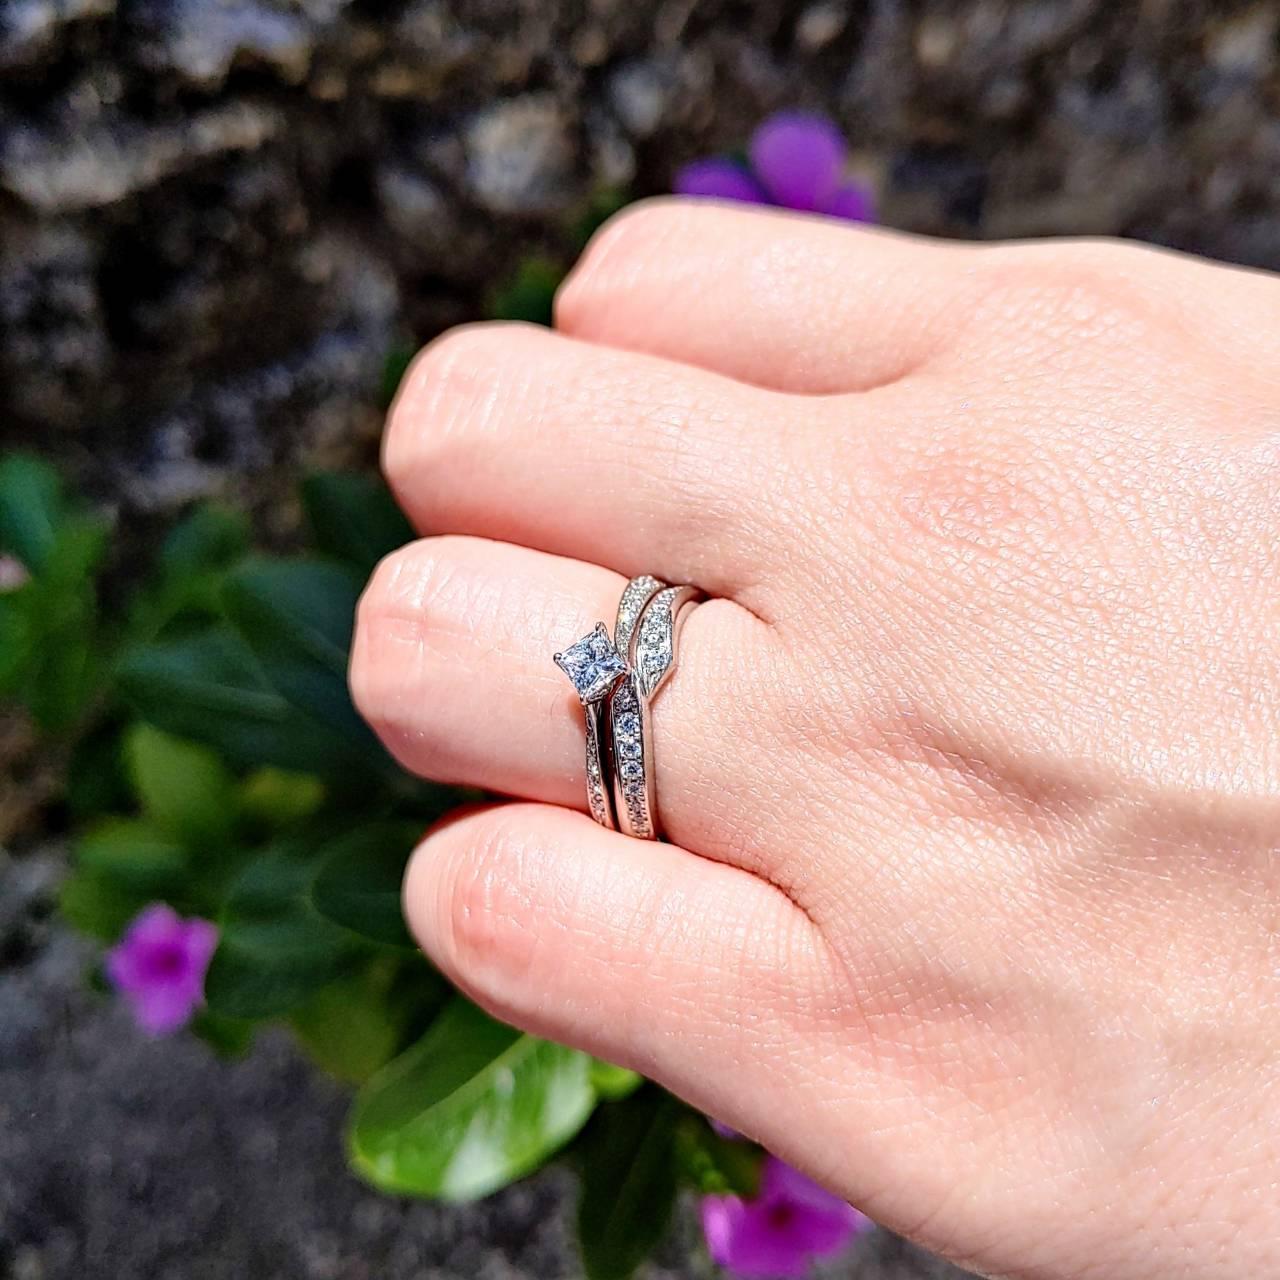 沖縄の竹富島で撮影した婚約指輪と結婚指輪の重ね付け